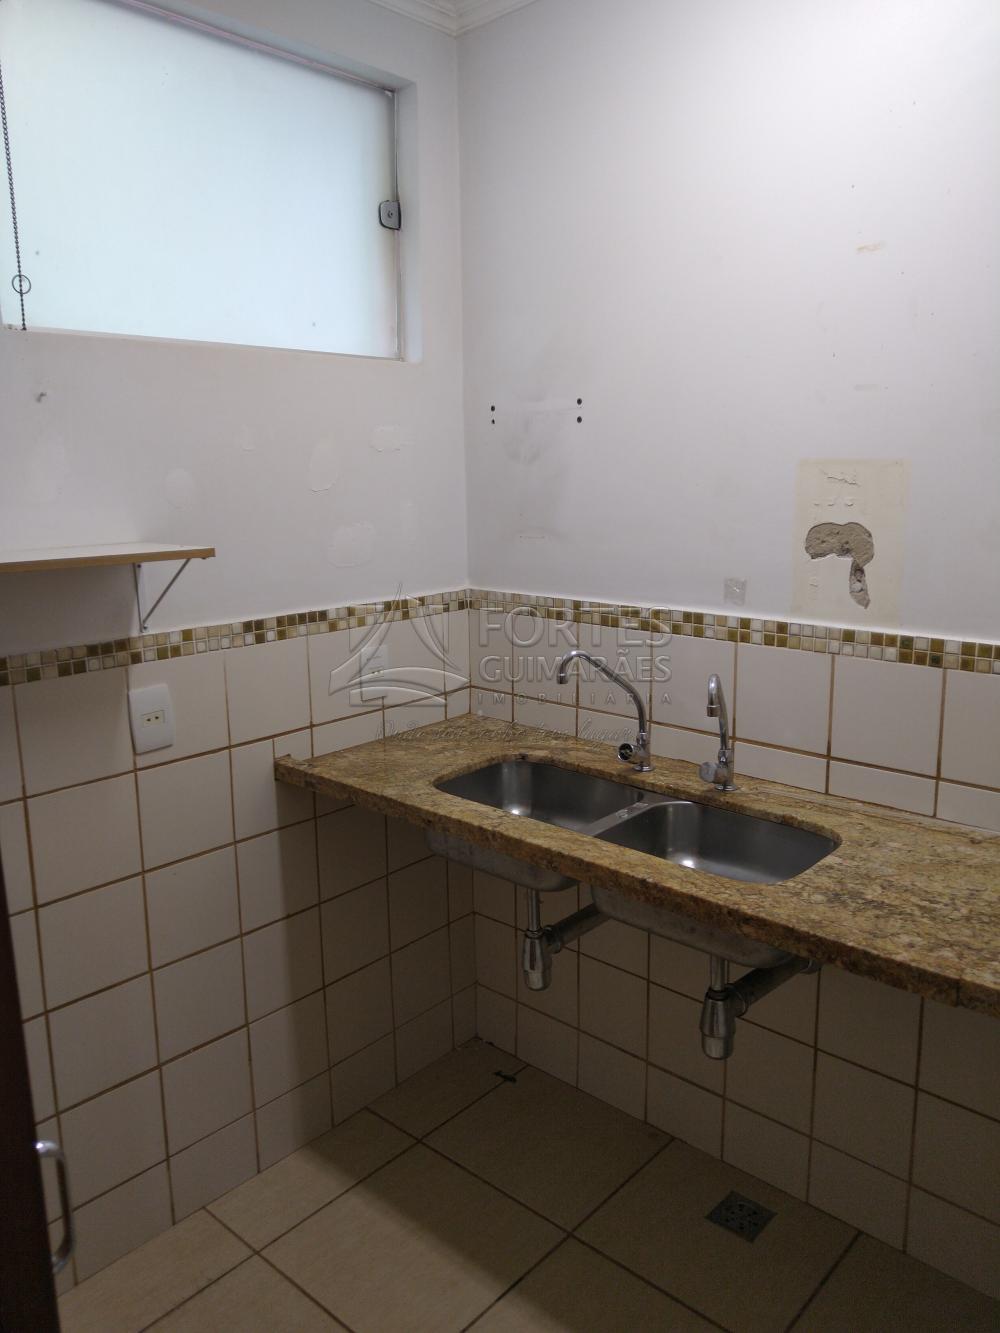 Alugar Comercial / Imóvel Comercial em Ribeirão Preto apenas R$ 12.000,00 - Foto 71